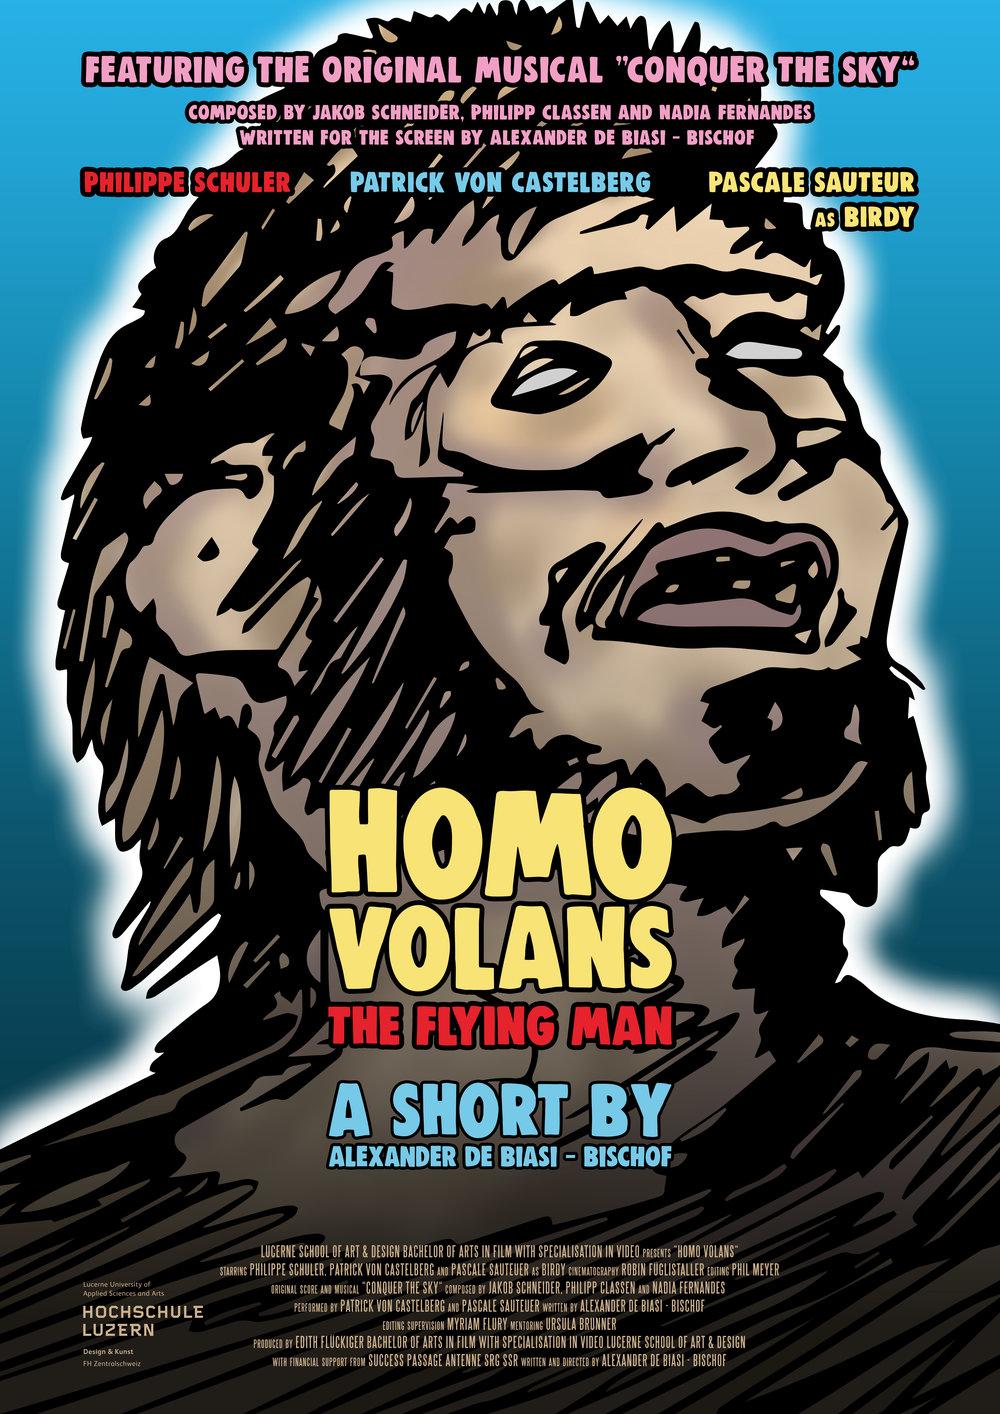 Homo Volans - essay, 10', 2018